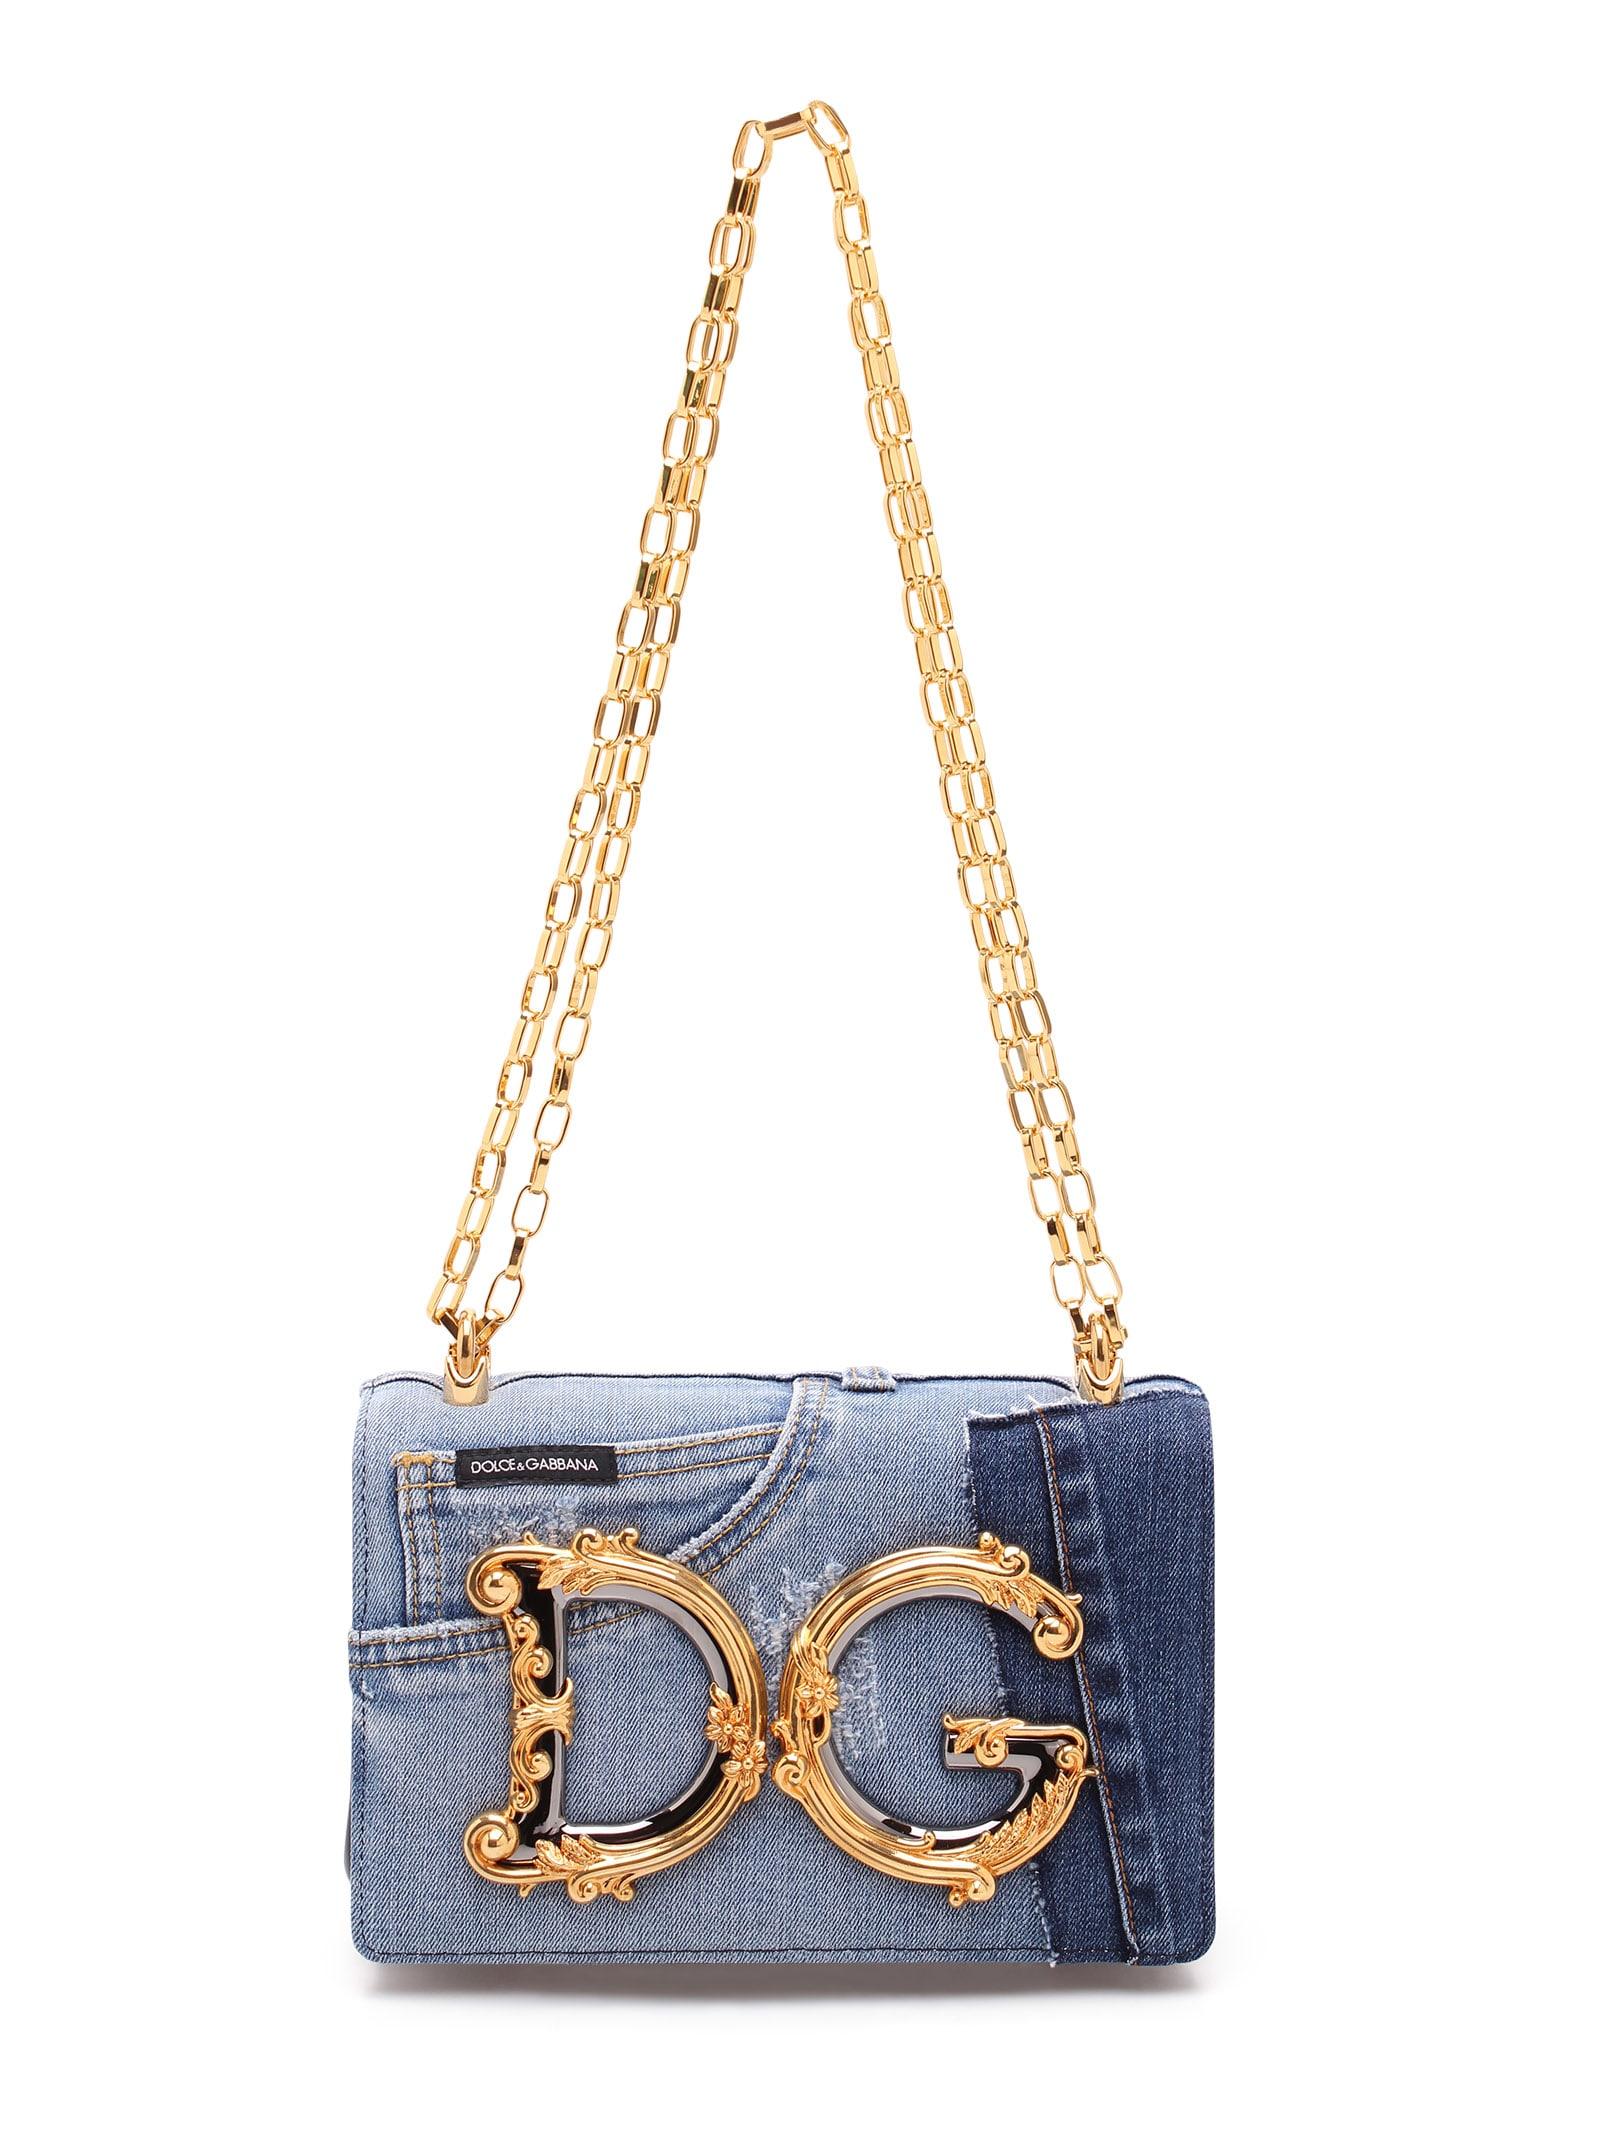 Dolce & Gabbana dg Girls Cotton Shoulder Bag